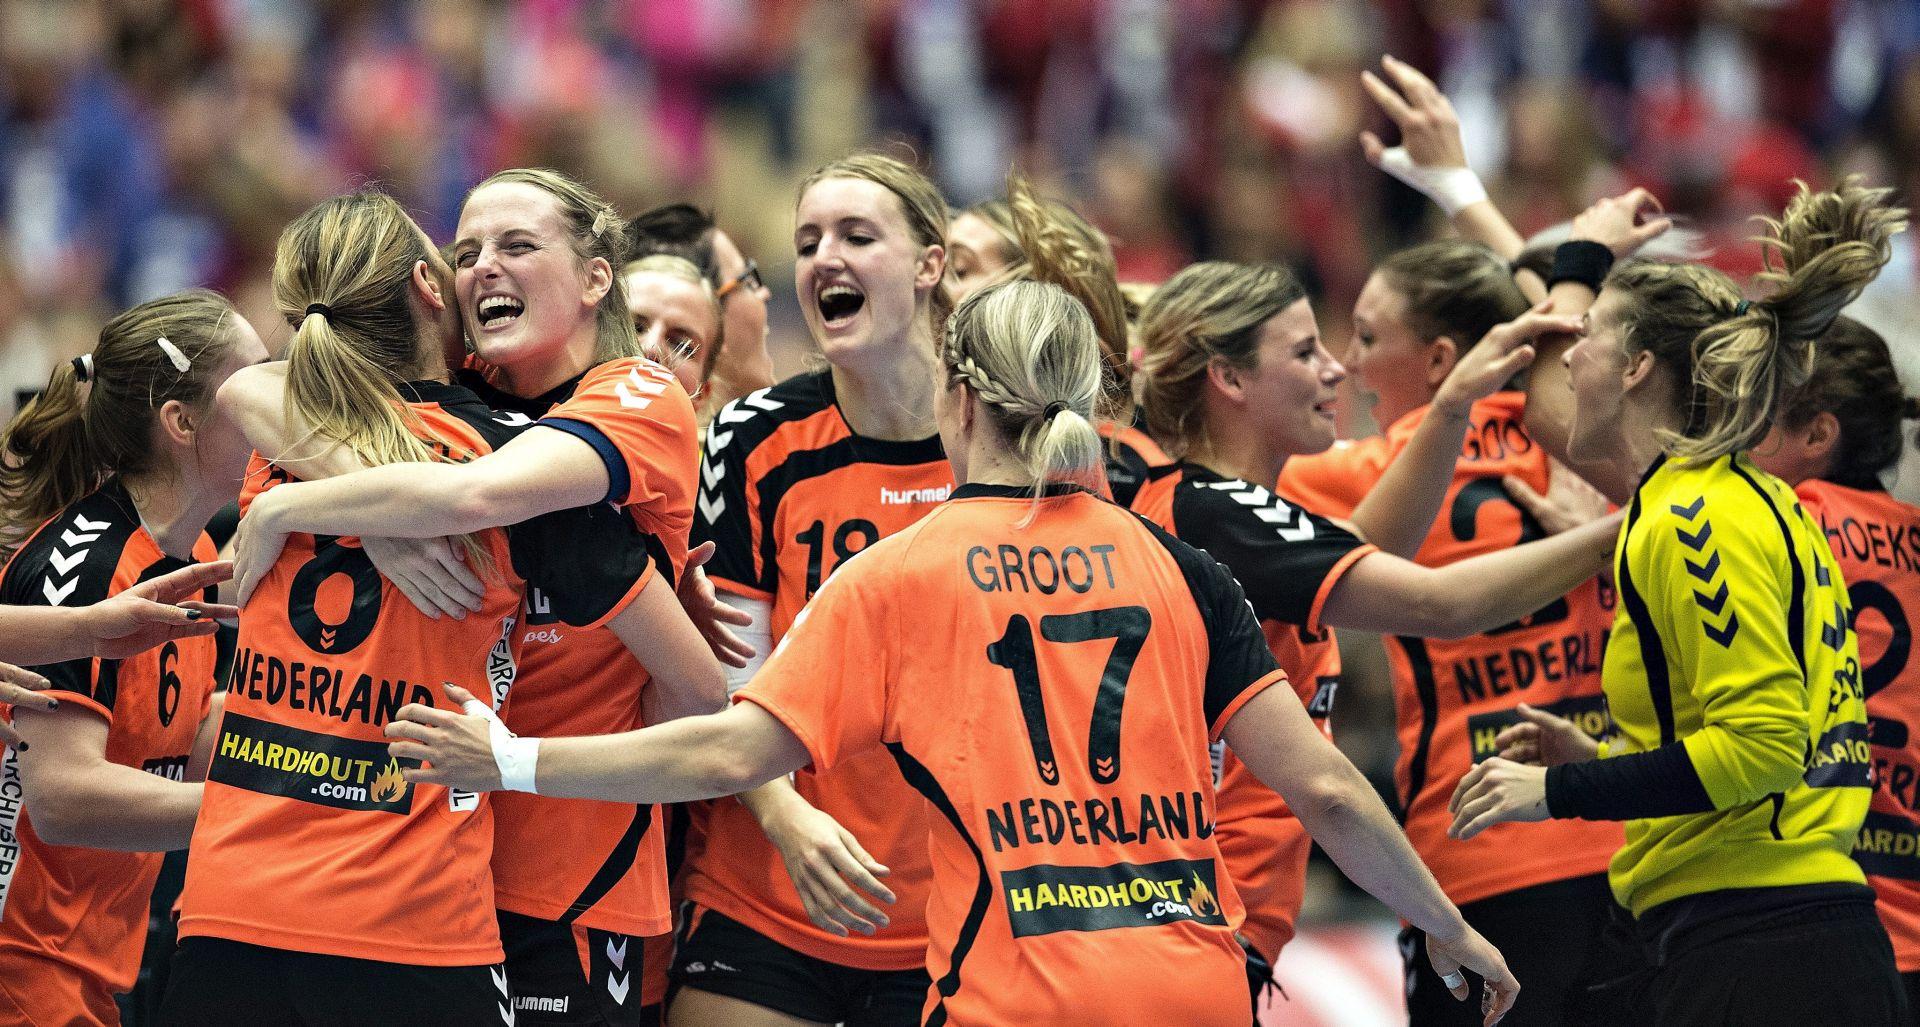 SVJETSKO PRVENSTVO RUKOMETAŠICA U finalu se sastaju Nizozemska i Norveška